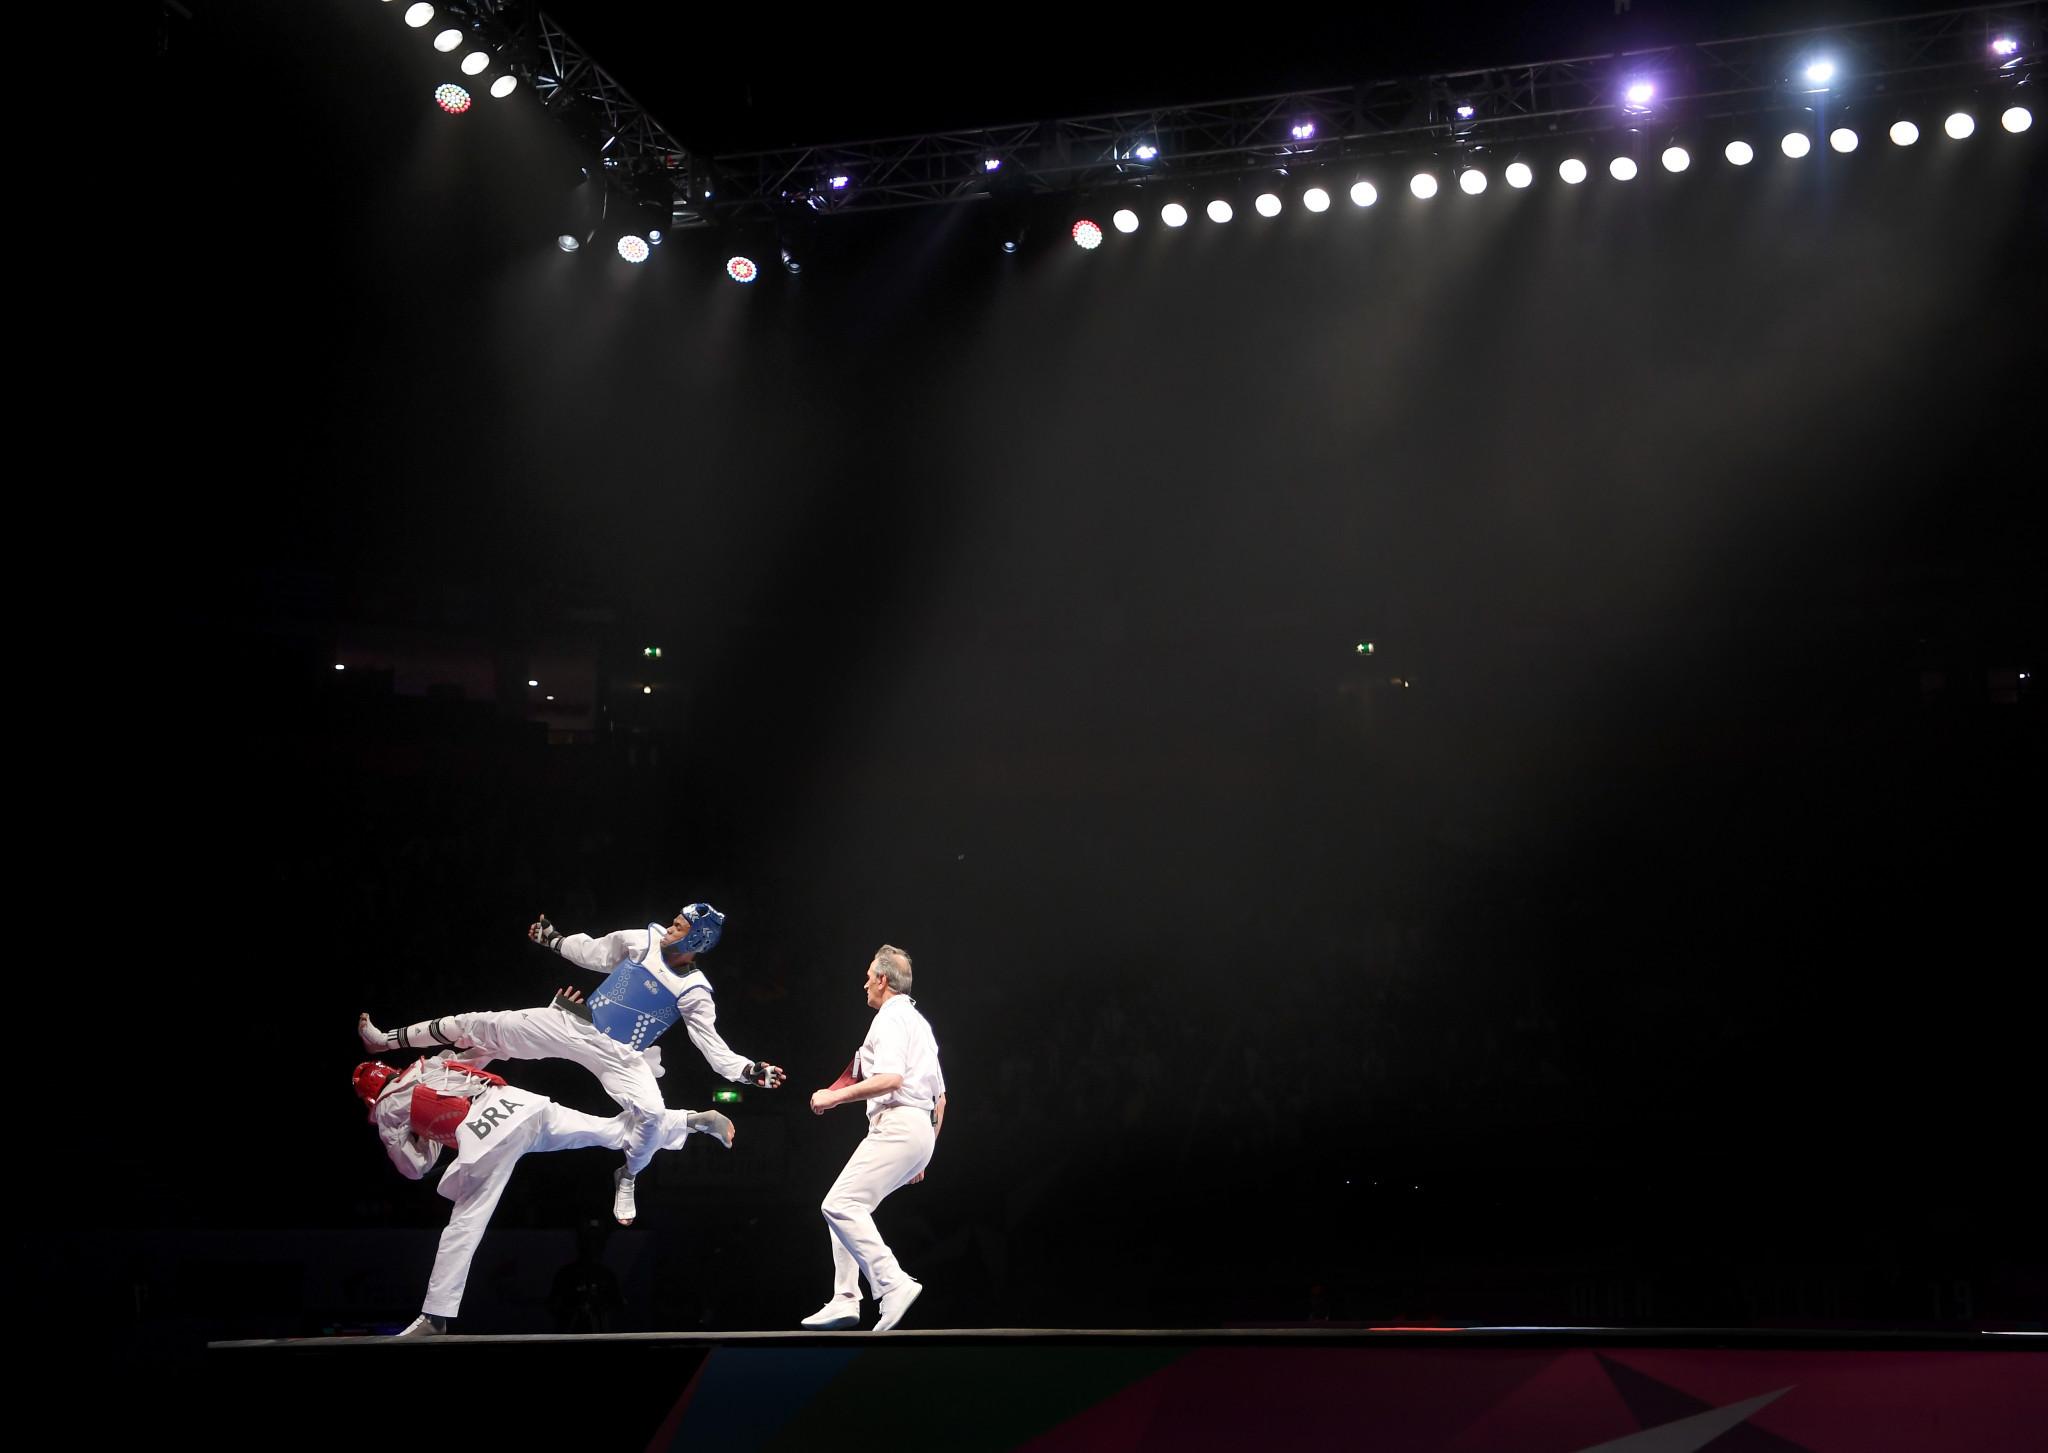 Taekwondo New Zealand's Carpenter elected to World Taekwondo Council